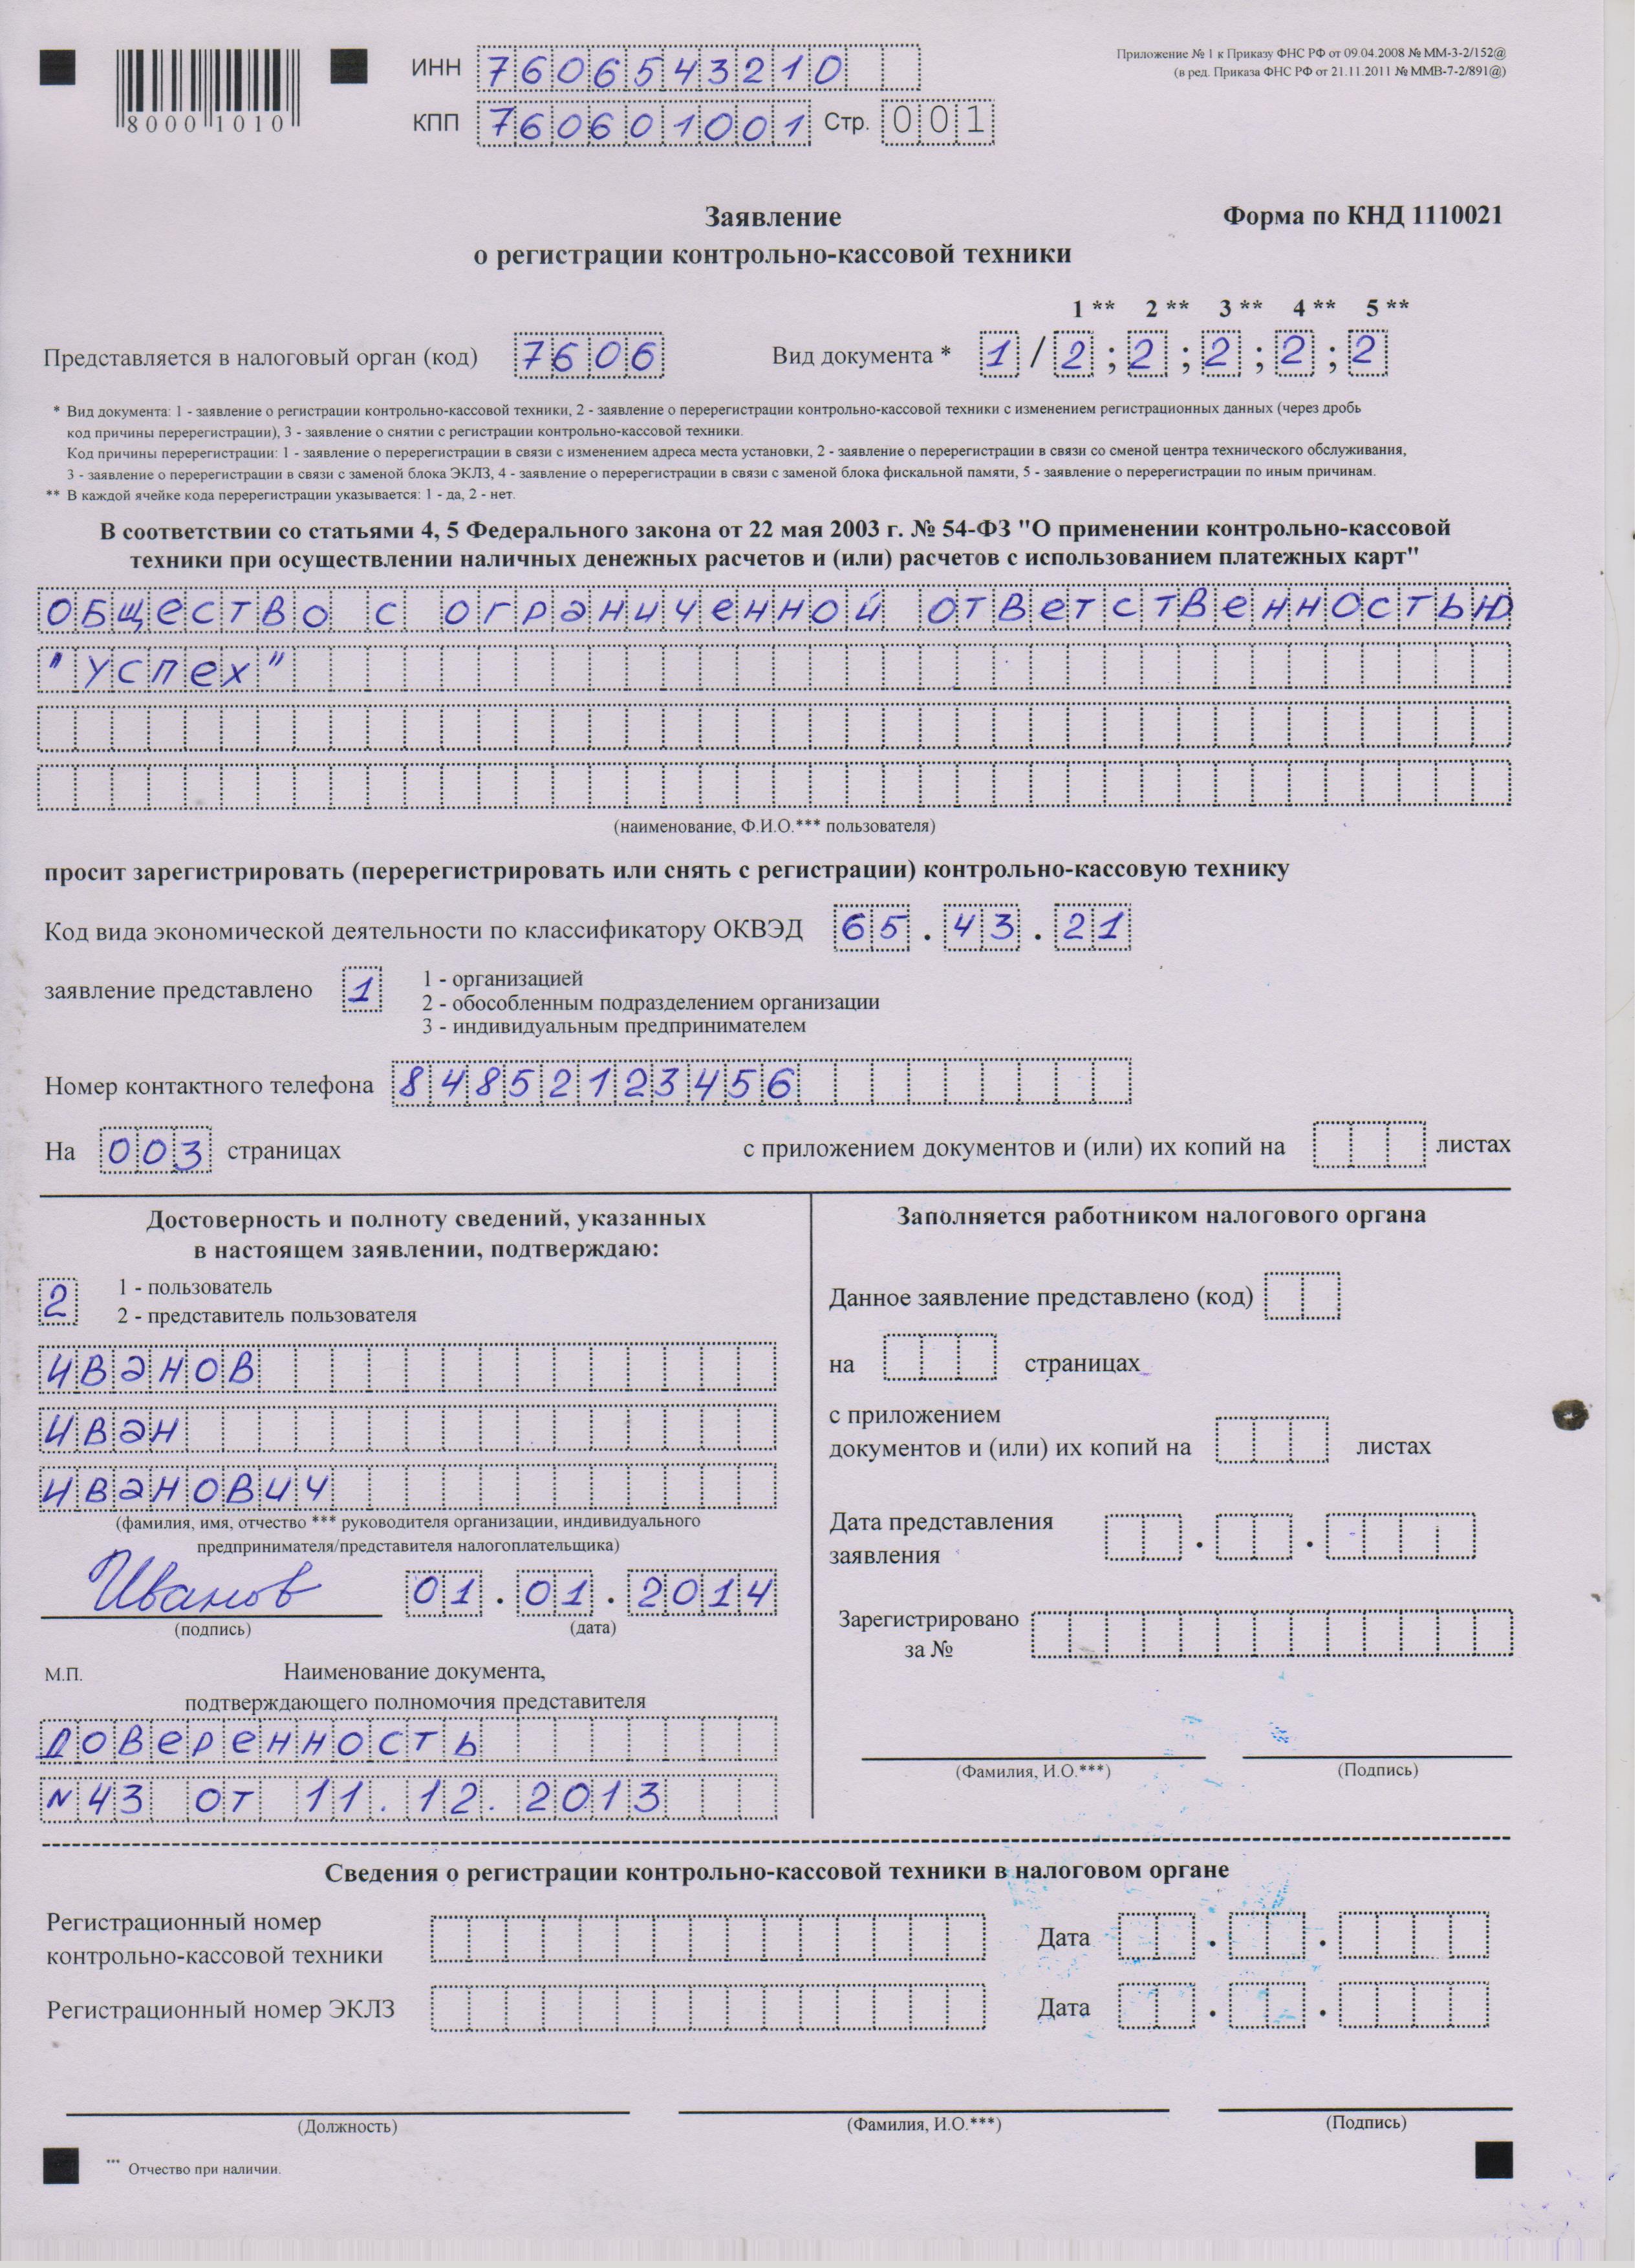 Скачать бланк заявления о регистрации ккм